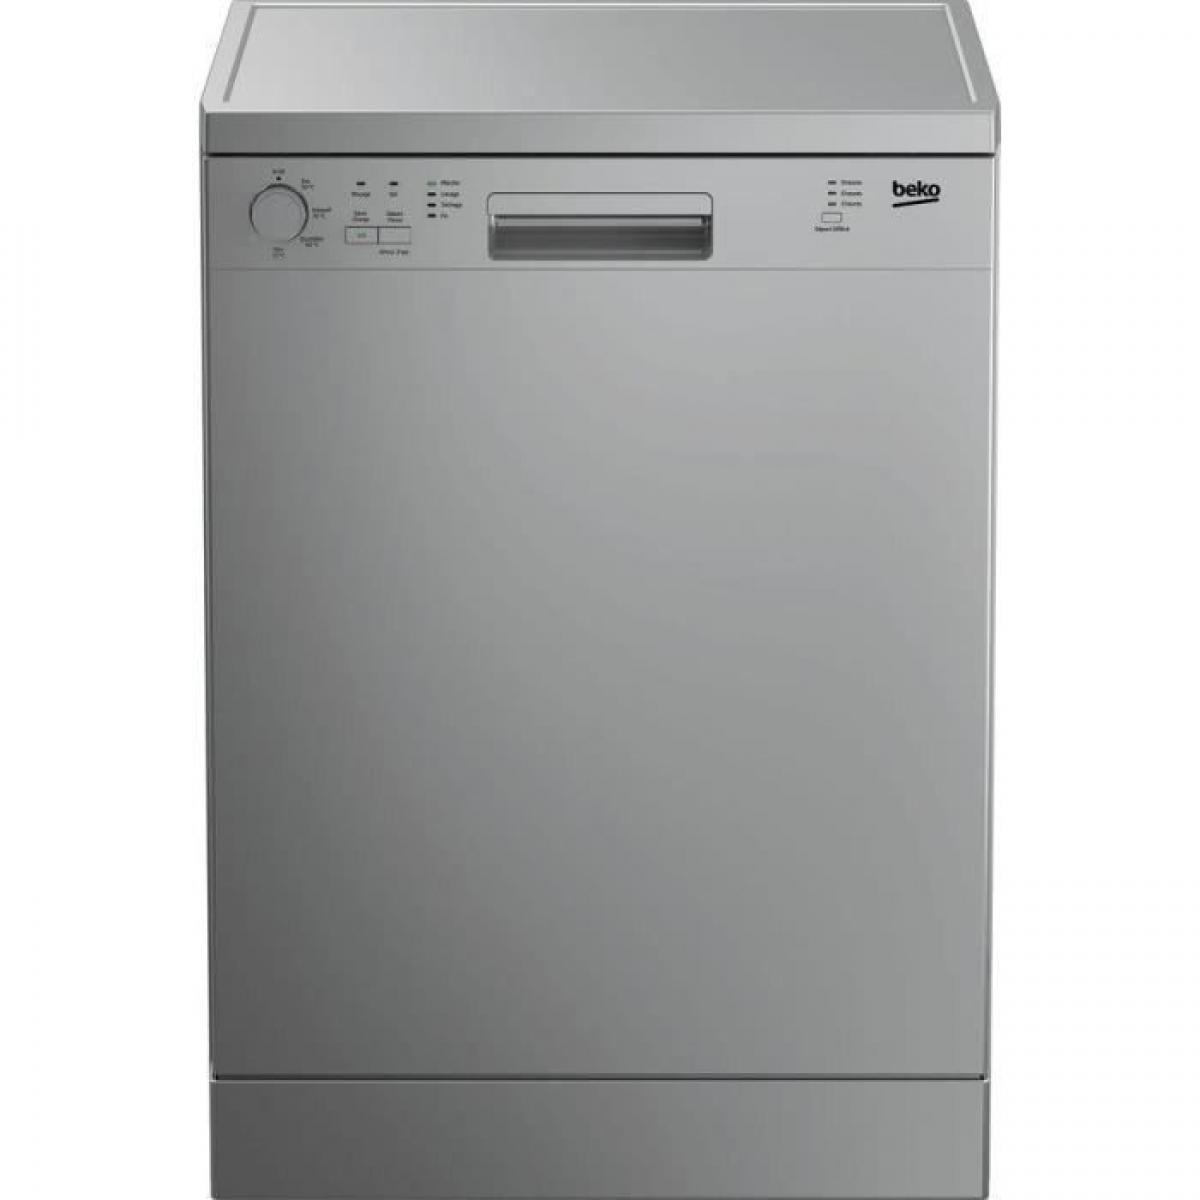 Beko Lave-vaisselle pose libre BEKO 13 Couverts 60cm, BEK8690842213786